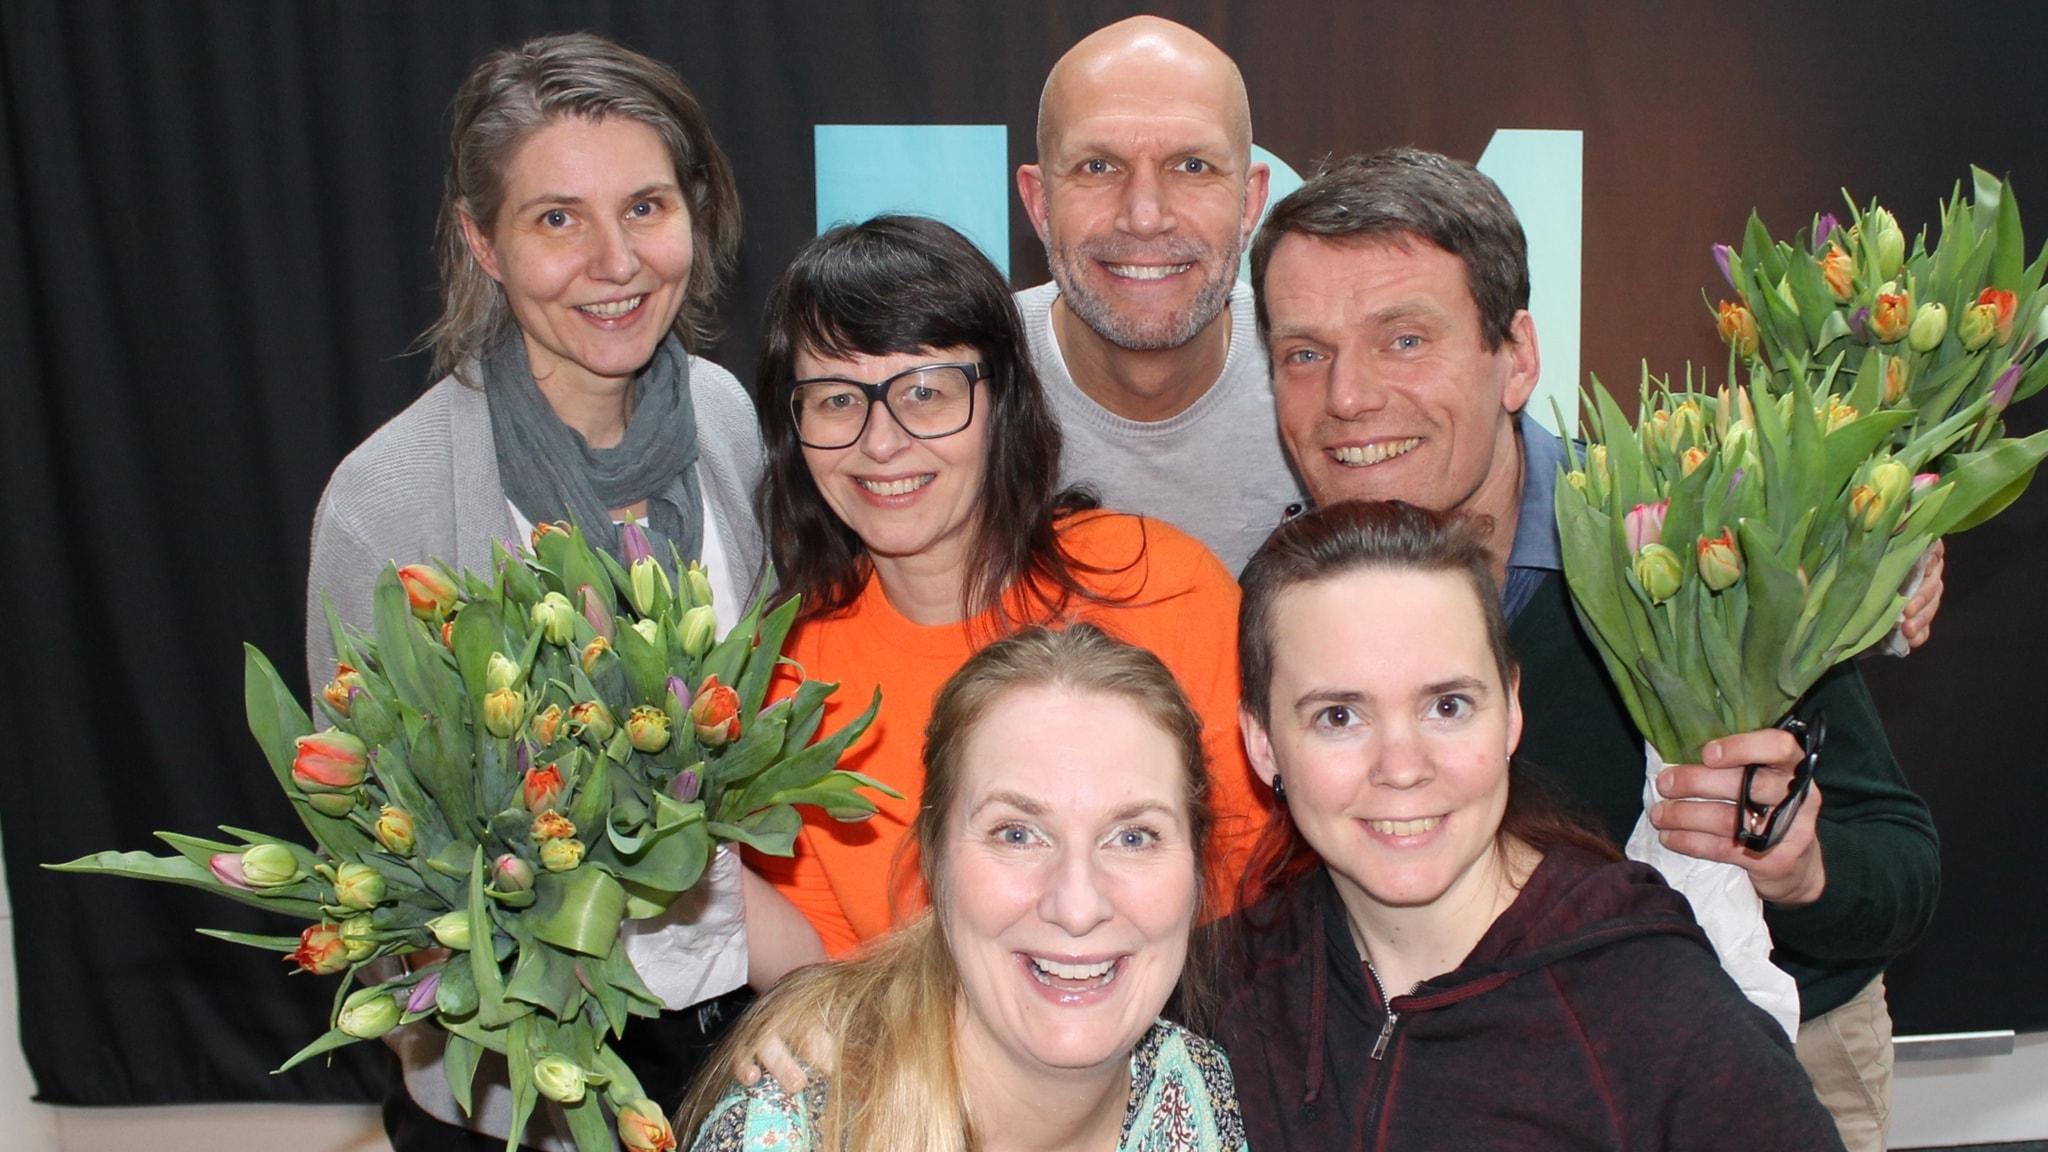 Henrik Hjelt, Mattias Konnebäck, Agneta Karlsson och Anna Charlotta Gunnarson!